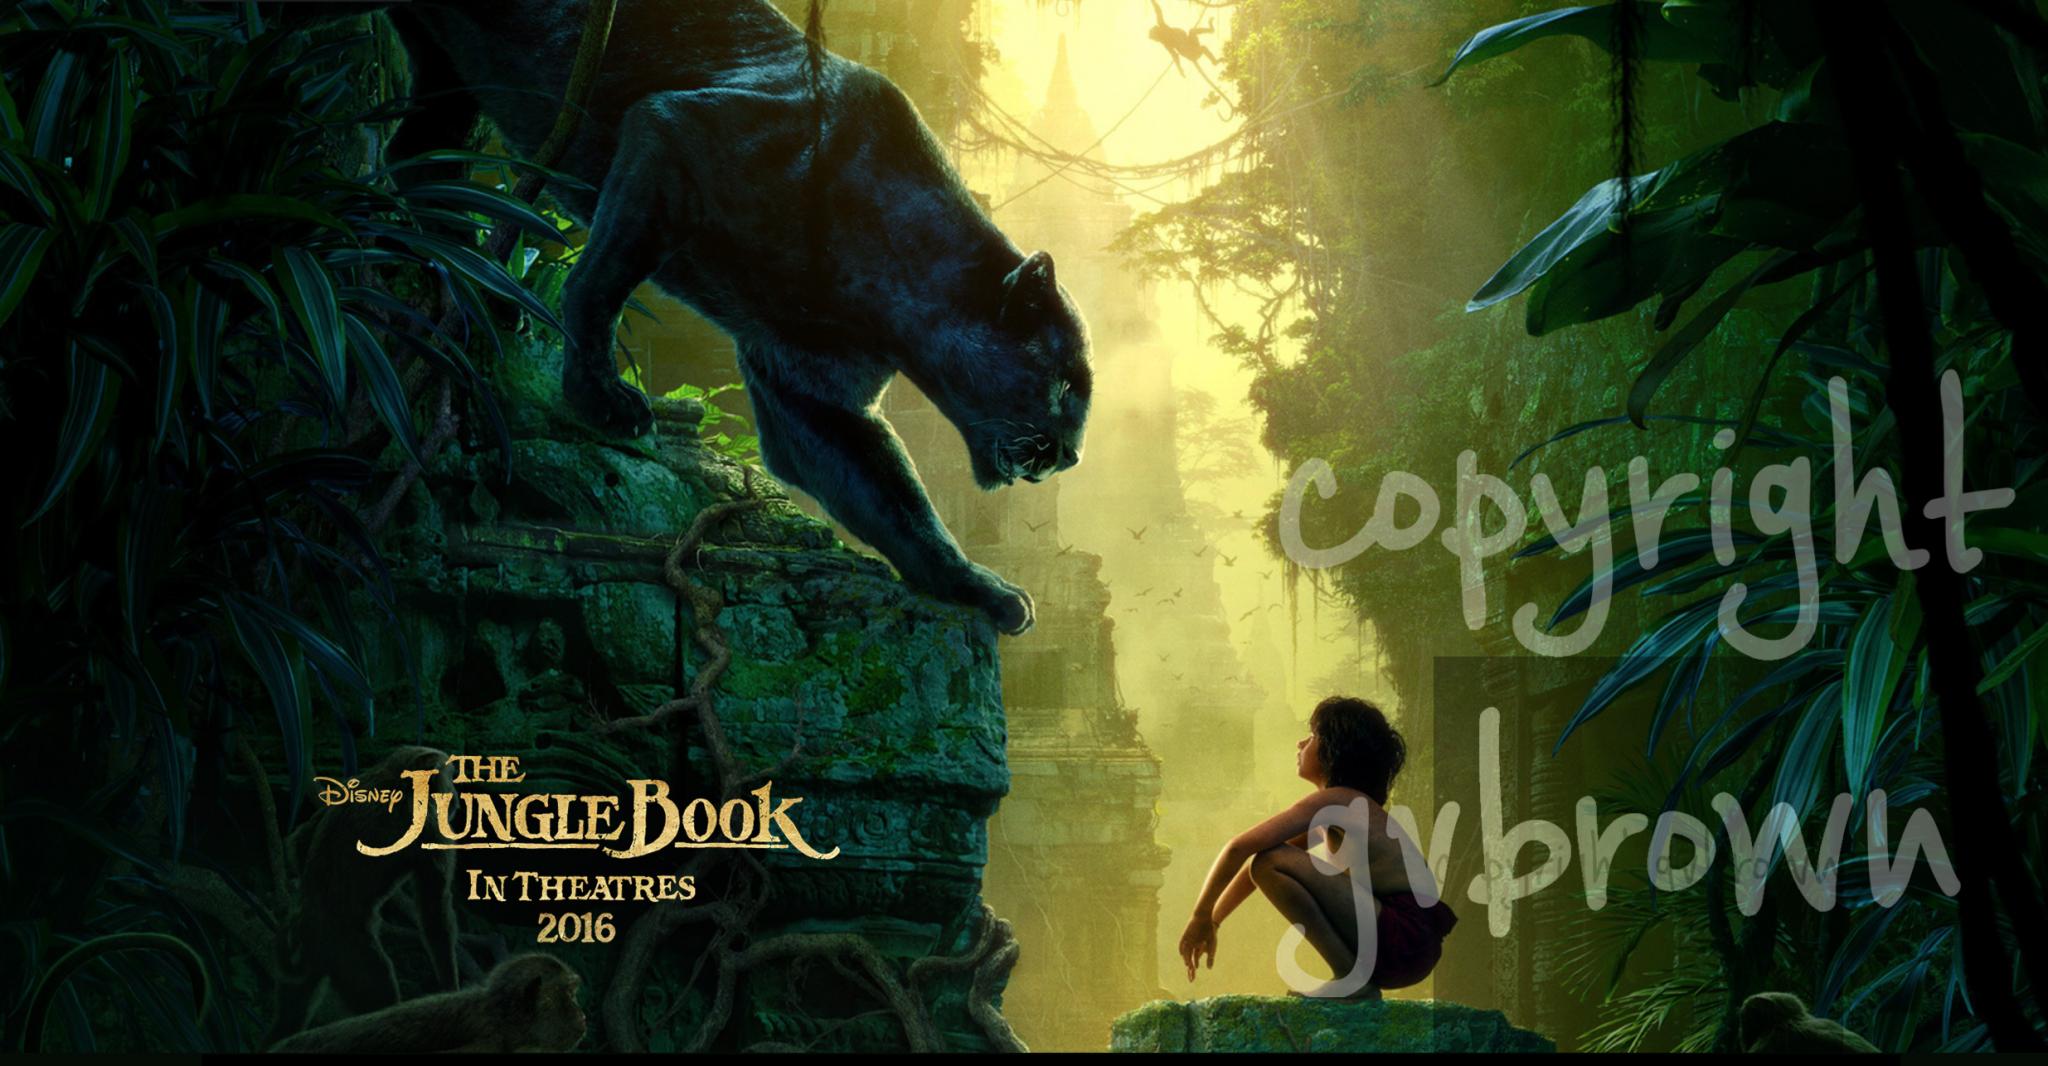 The Jungle Book Movie Trailer!